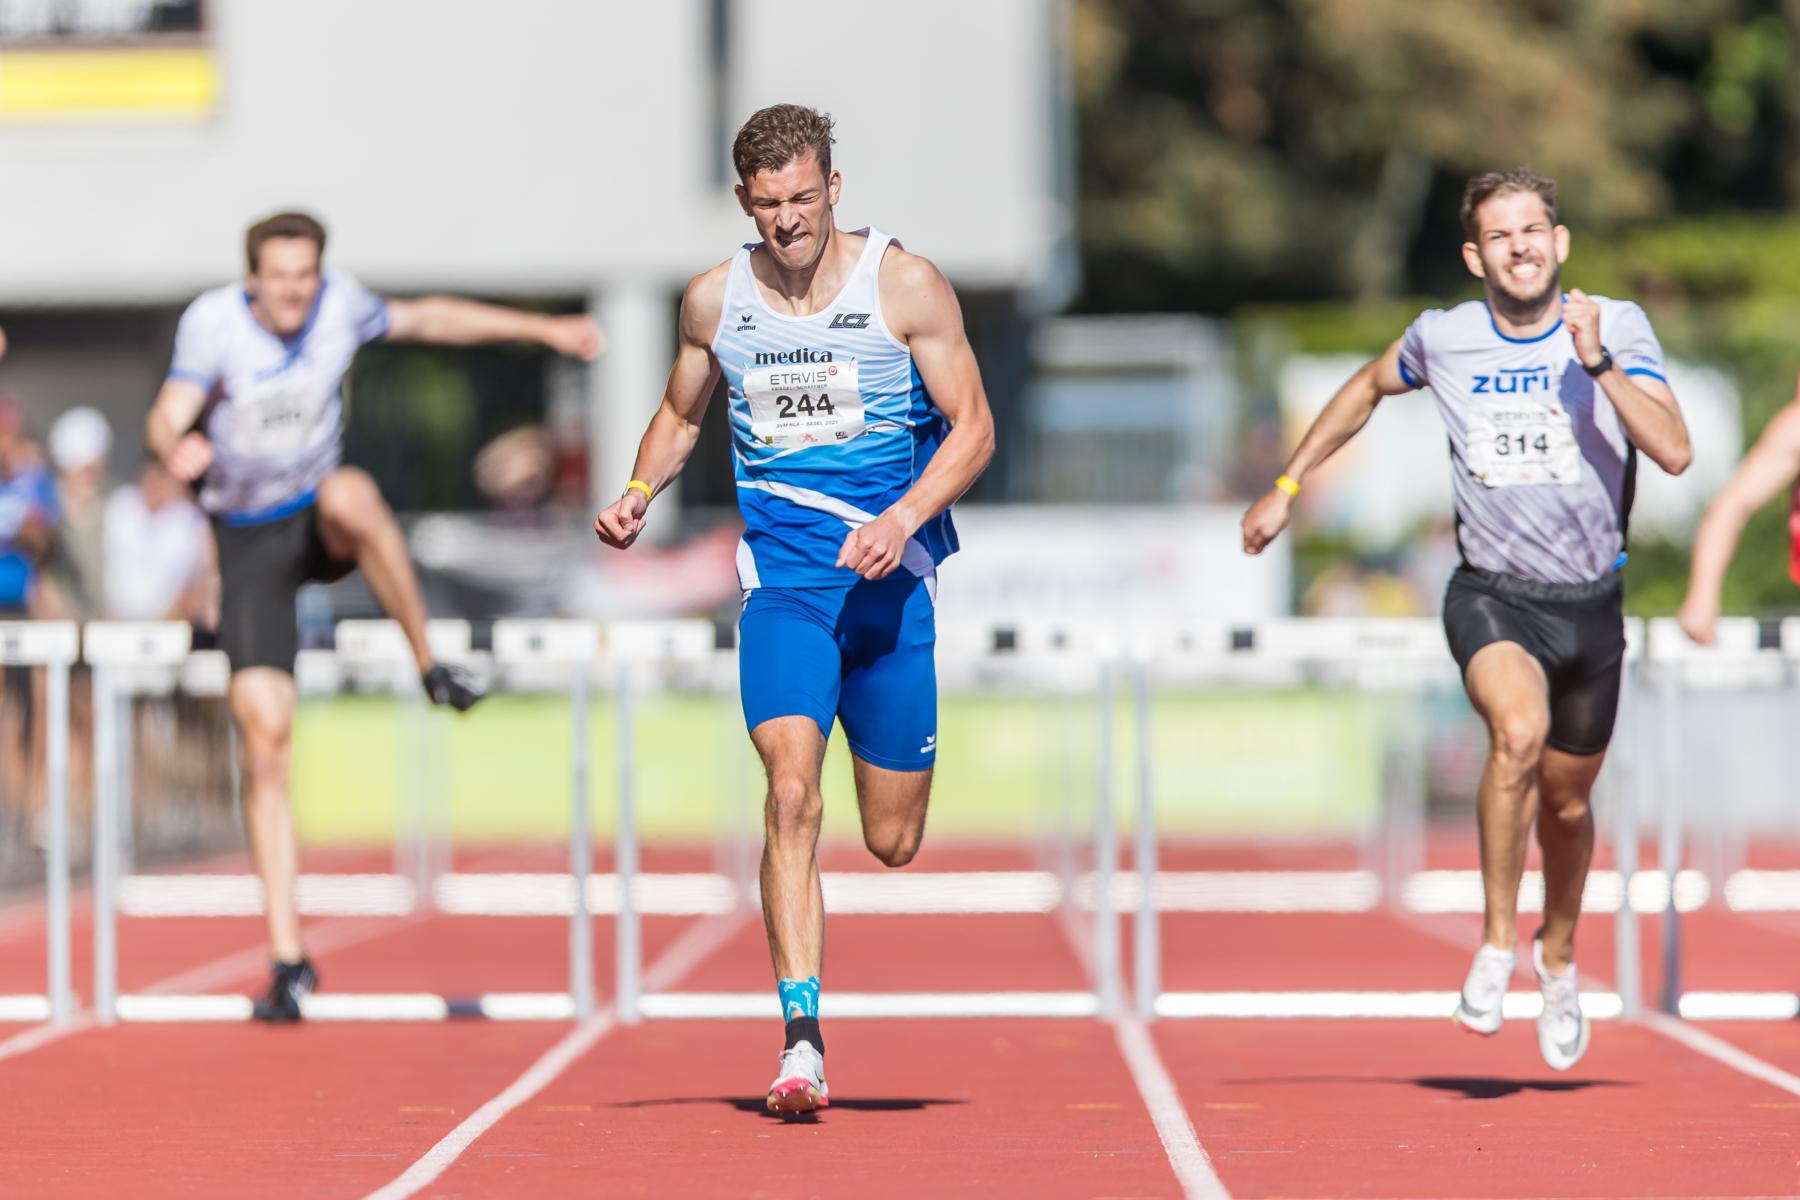 Martijn Meijer  (Leichtathletik Club Zuerich, 244)  at the Swiss Interclub Championship on Saturday, 18.09.2021